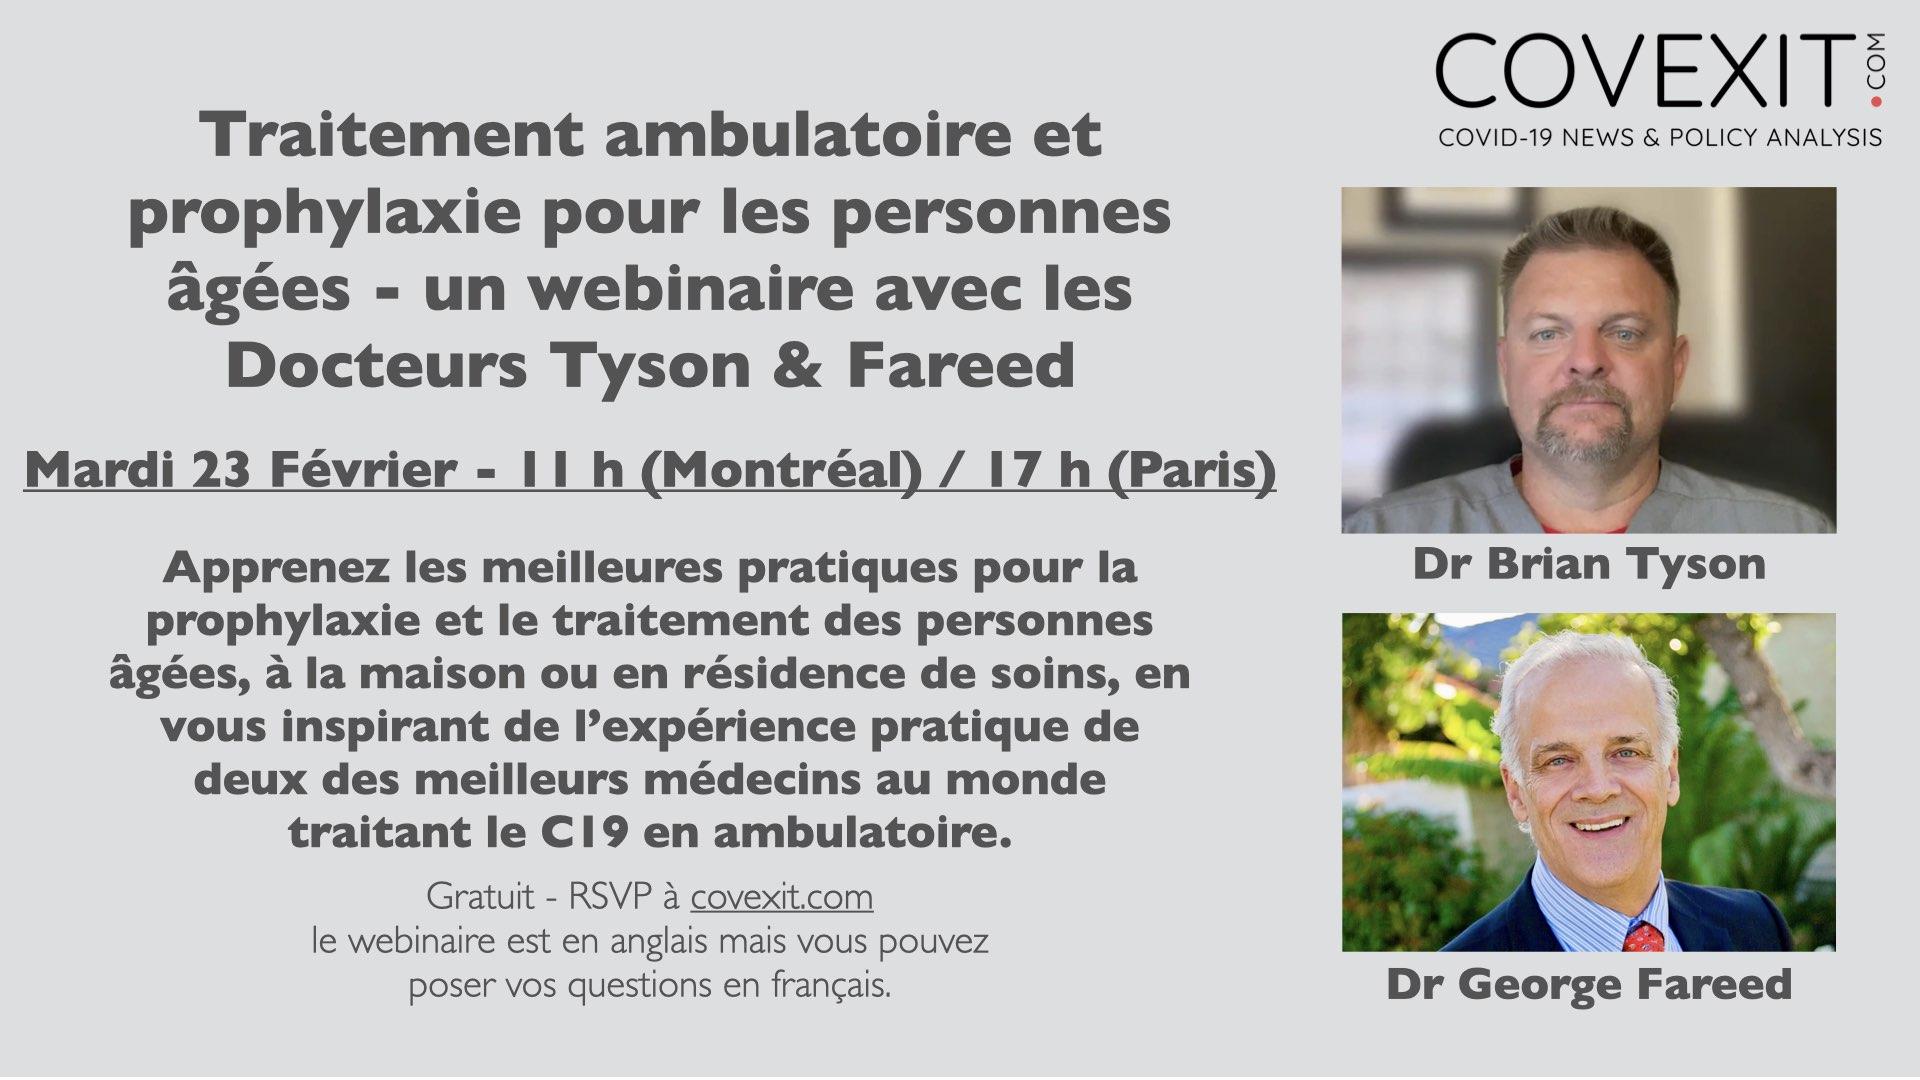 Traitement ambulatoire et prophylaxie pour les personnes âgées - un webinaire avec les Docteurs Tyson & Fareed